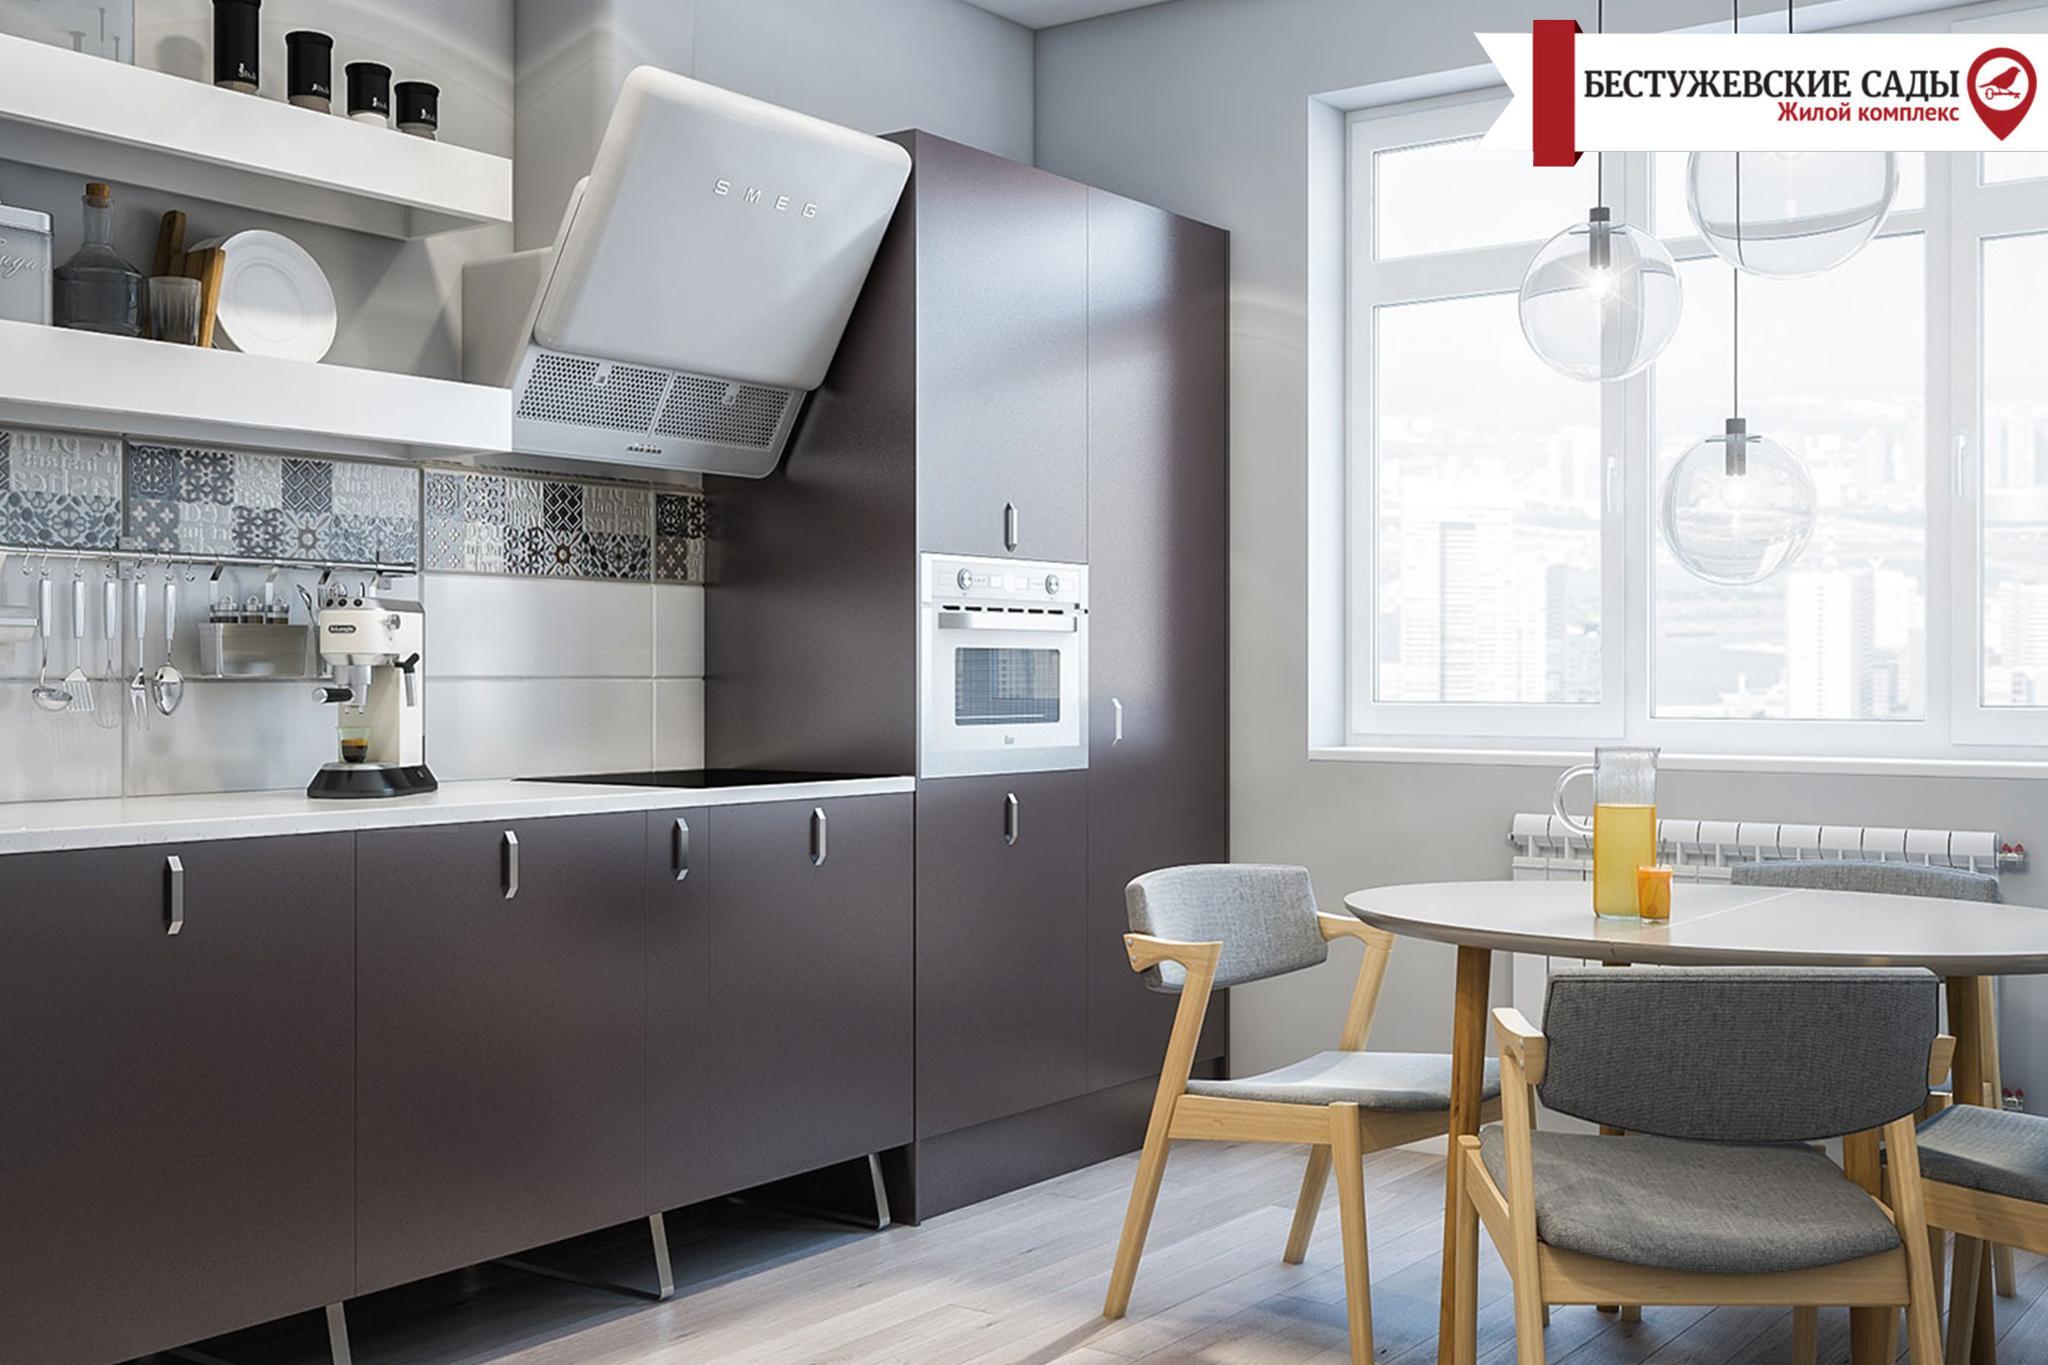 Як візуально збільшити свою кухню